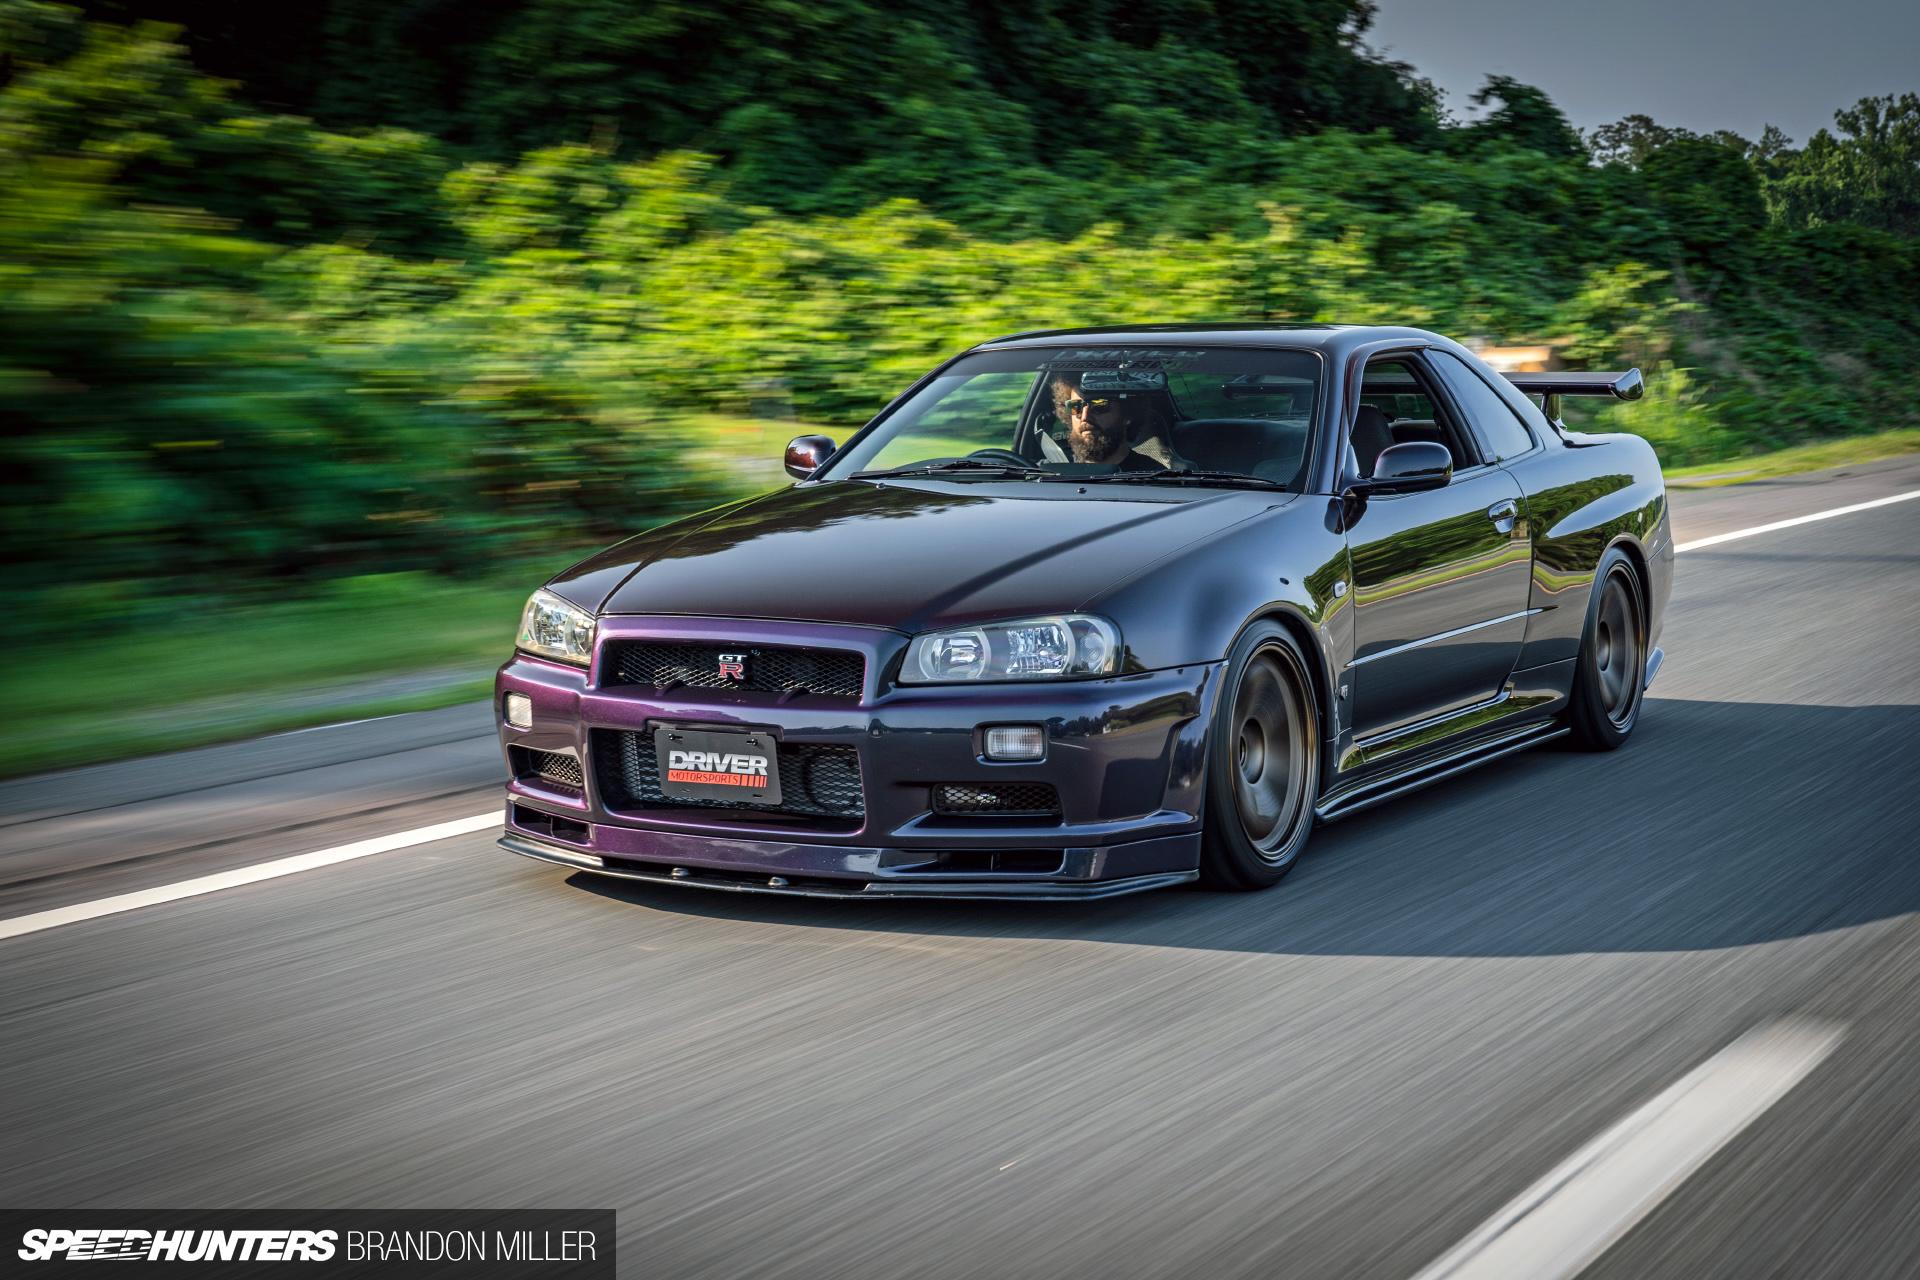 www.speedhunters.com